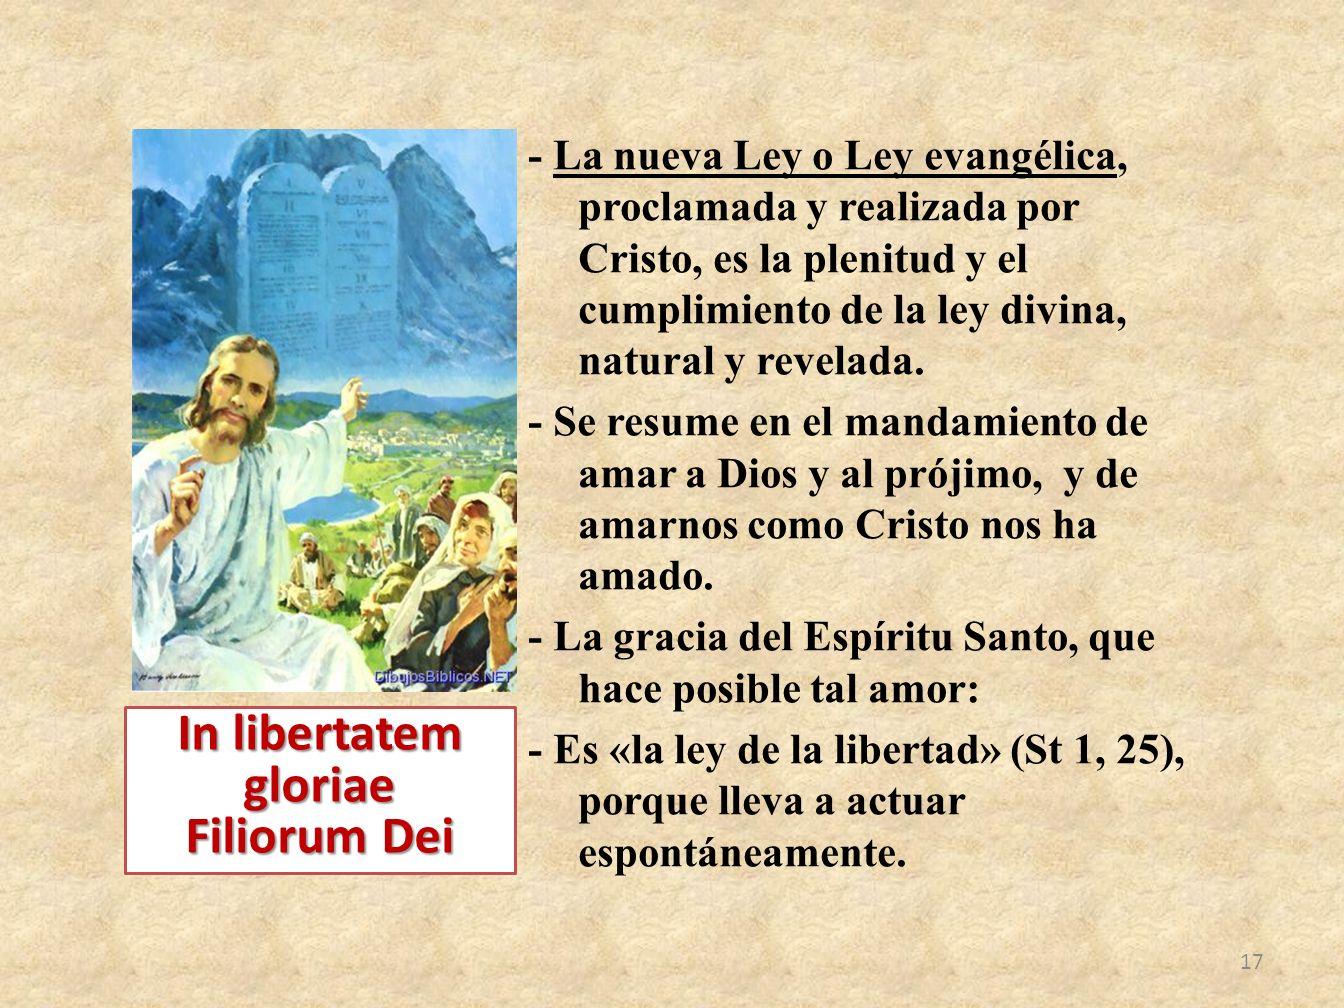 - La nueva Ley o Ley evangélica, proclamada y realizada por Cristo, es la plenitud y el cumplimiento de la ley divina, natural y revelada. - Se resume